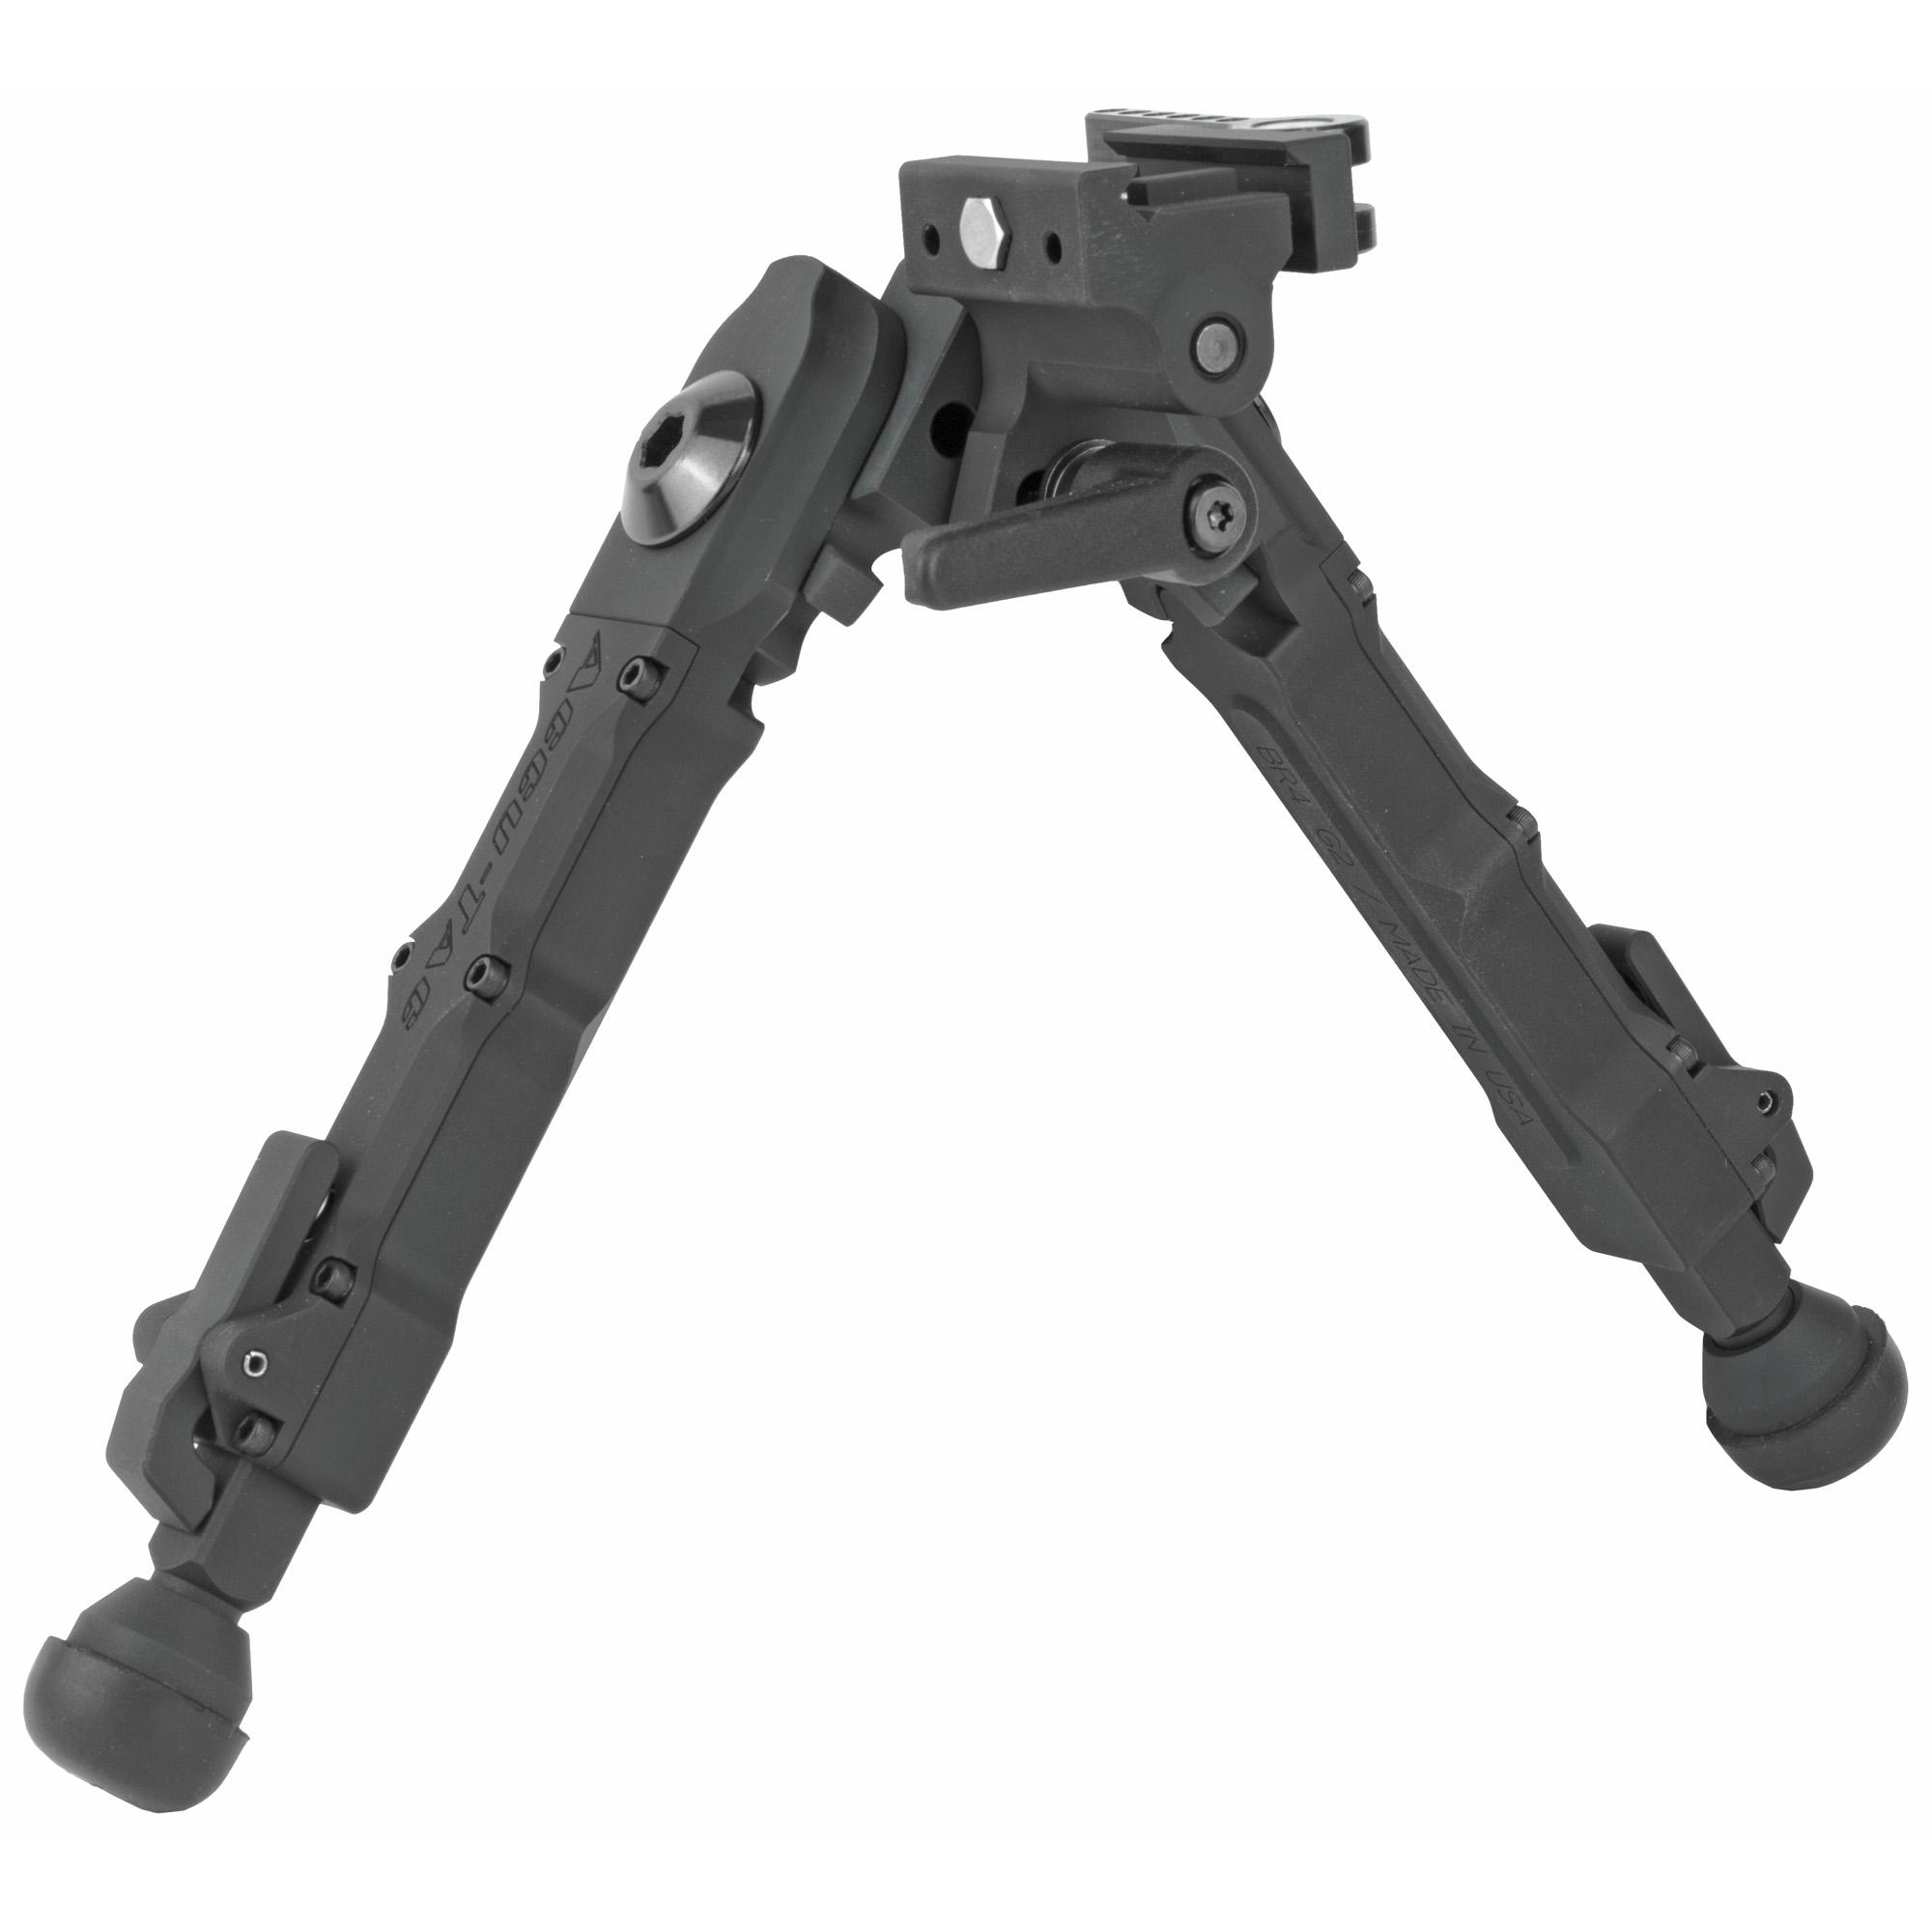 Accu-tac Br-4 G2 Bipod Blk